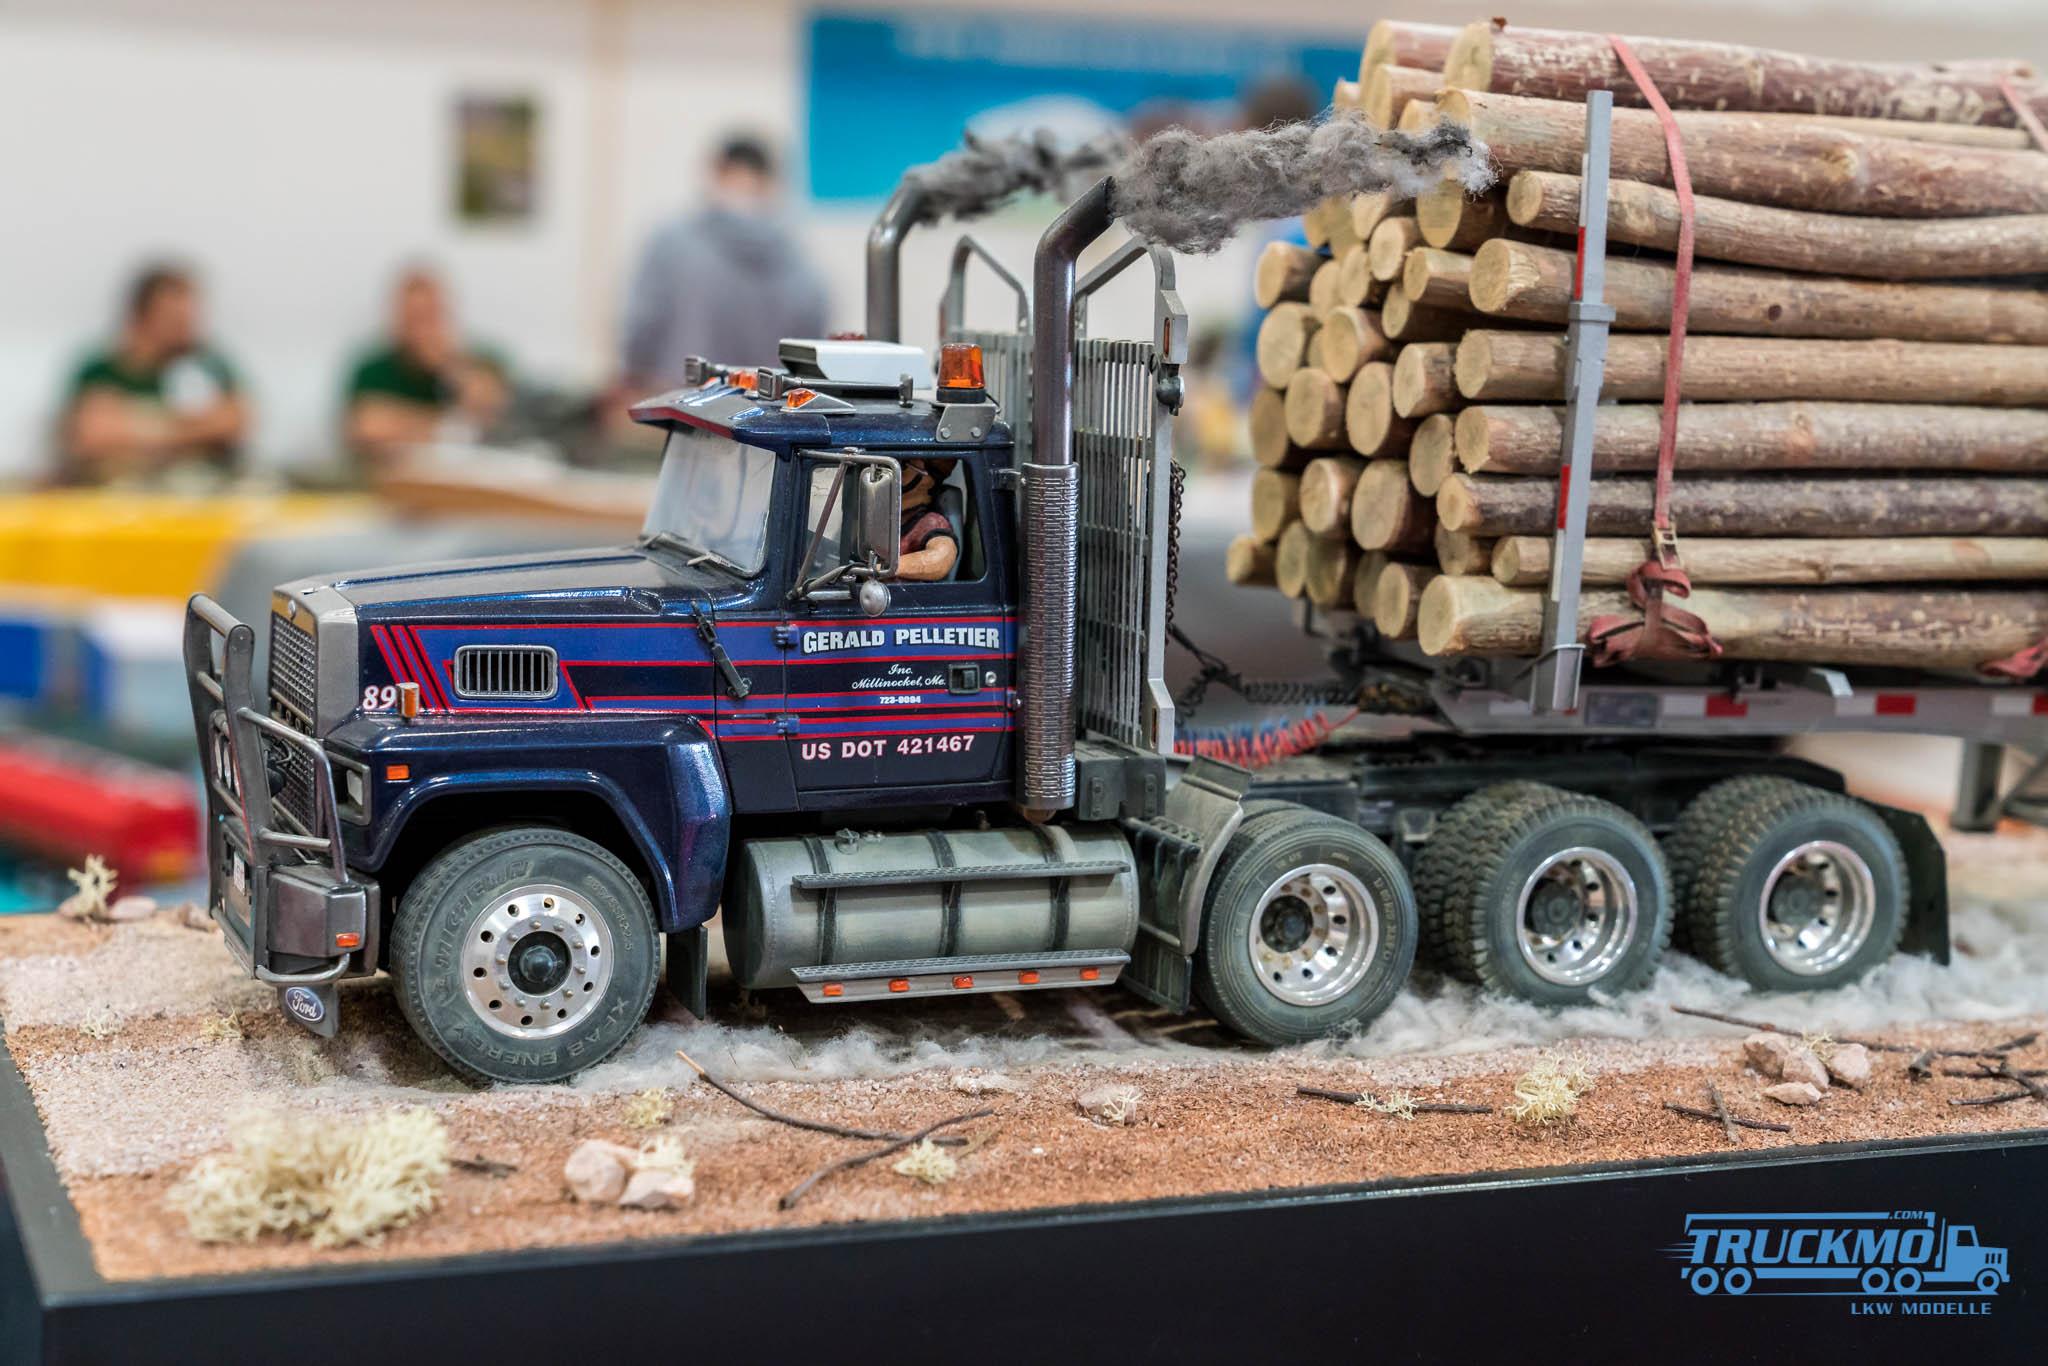 Truckmo_Modellbau_Ried_2017_Herpa_Messe_Modellbauausstellung (390 von 1177)